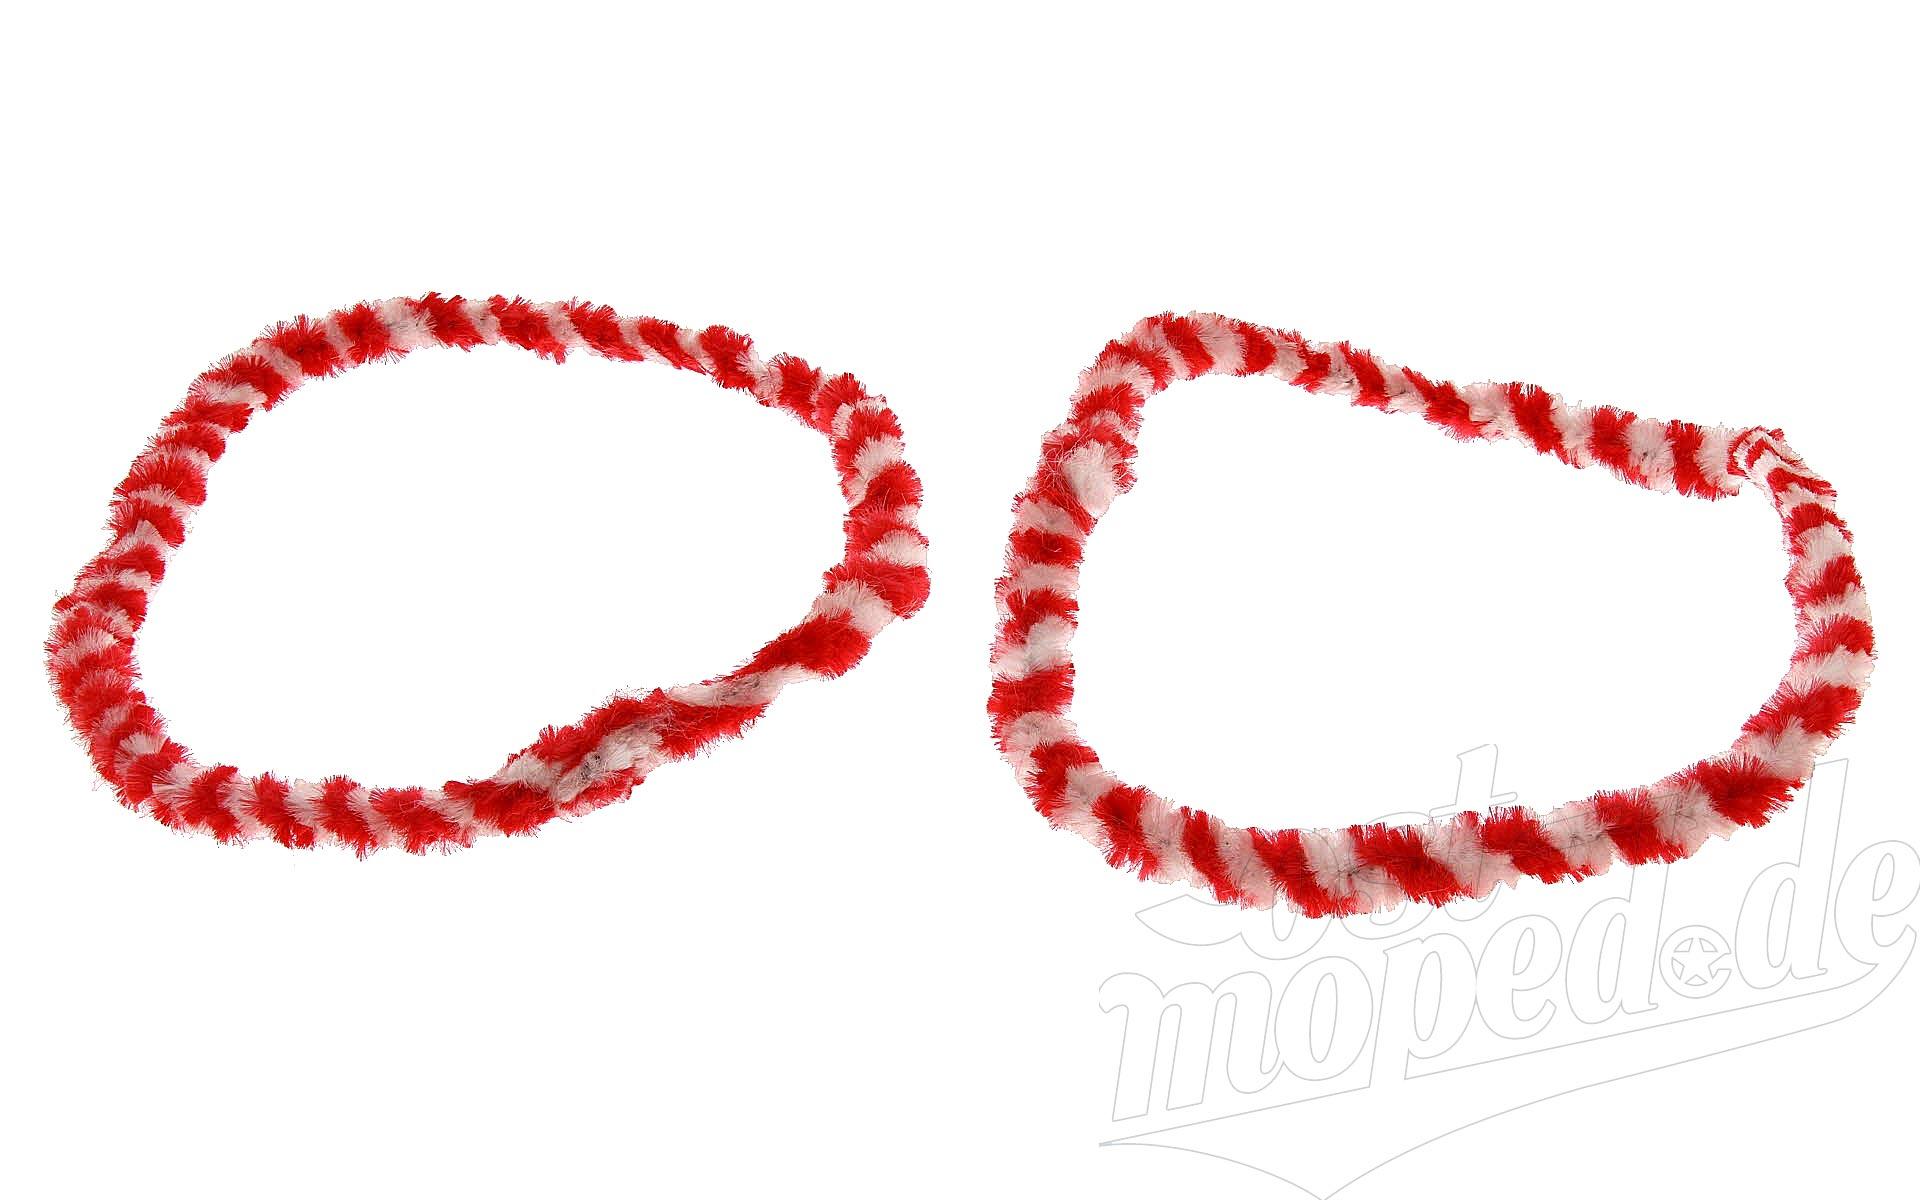 Nabenputzringe WÜMA rot/weiß SET (vorne & hinten) für SIMSON-Nabe 168mm, 560mm lg.